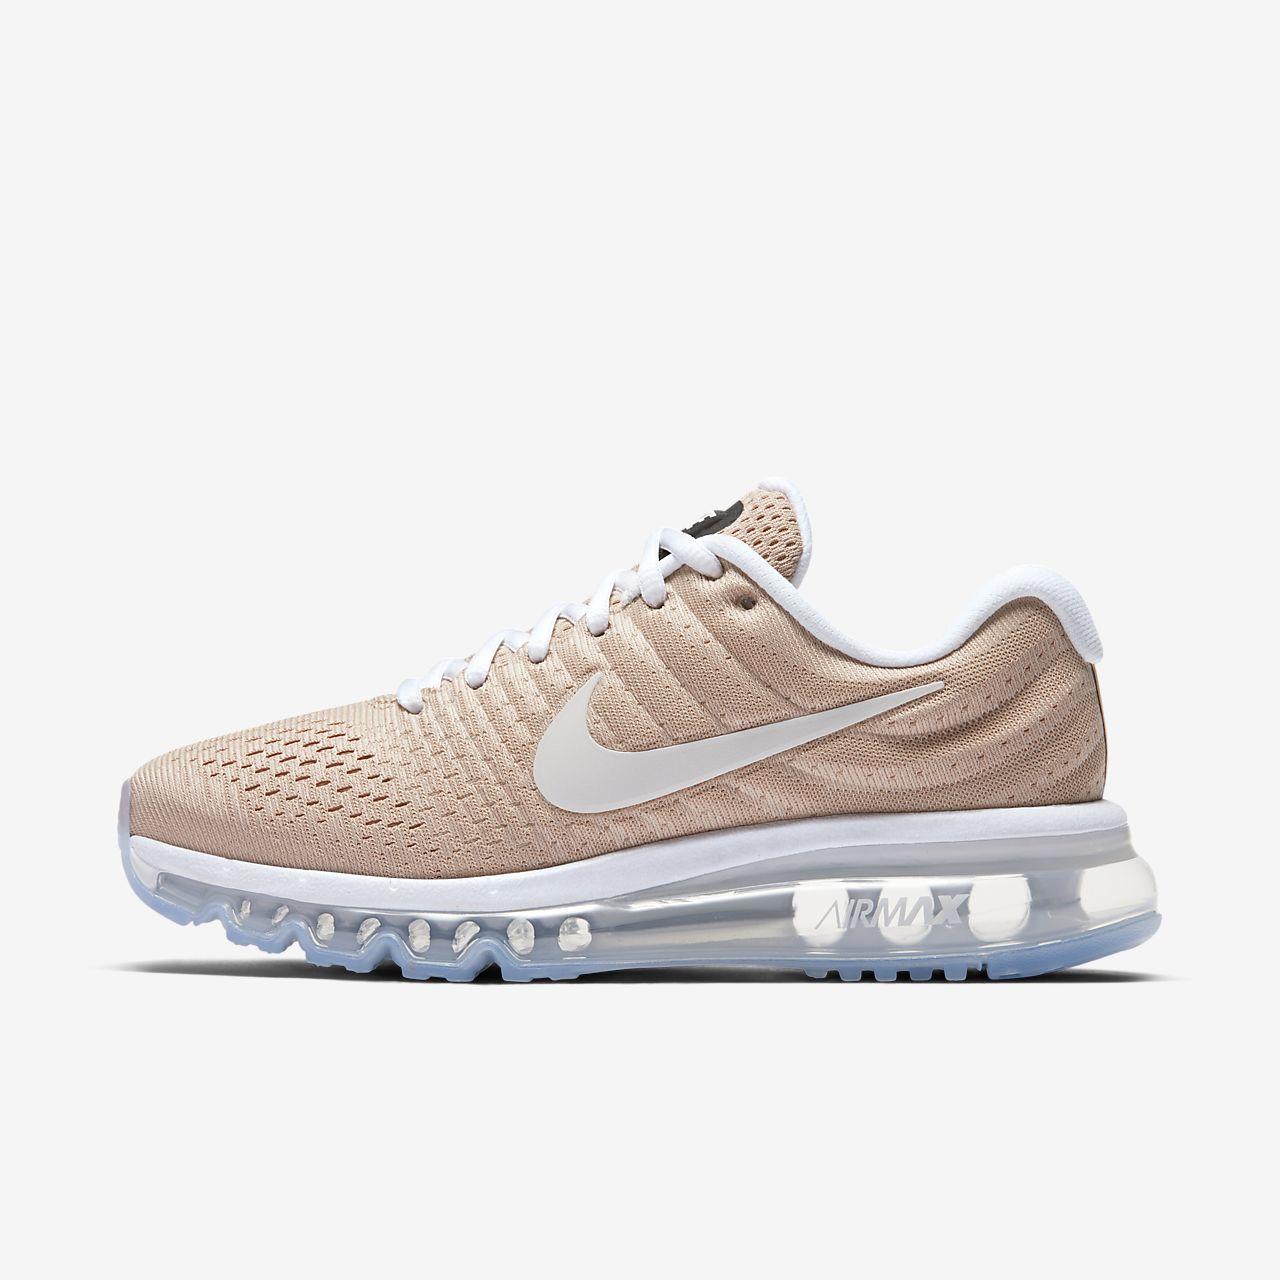 scarpe nike donna 2017 air max